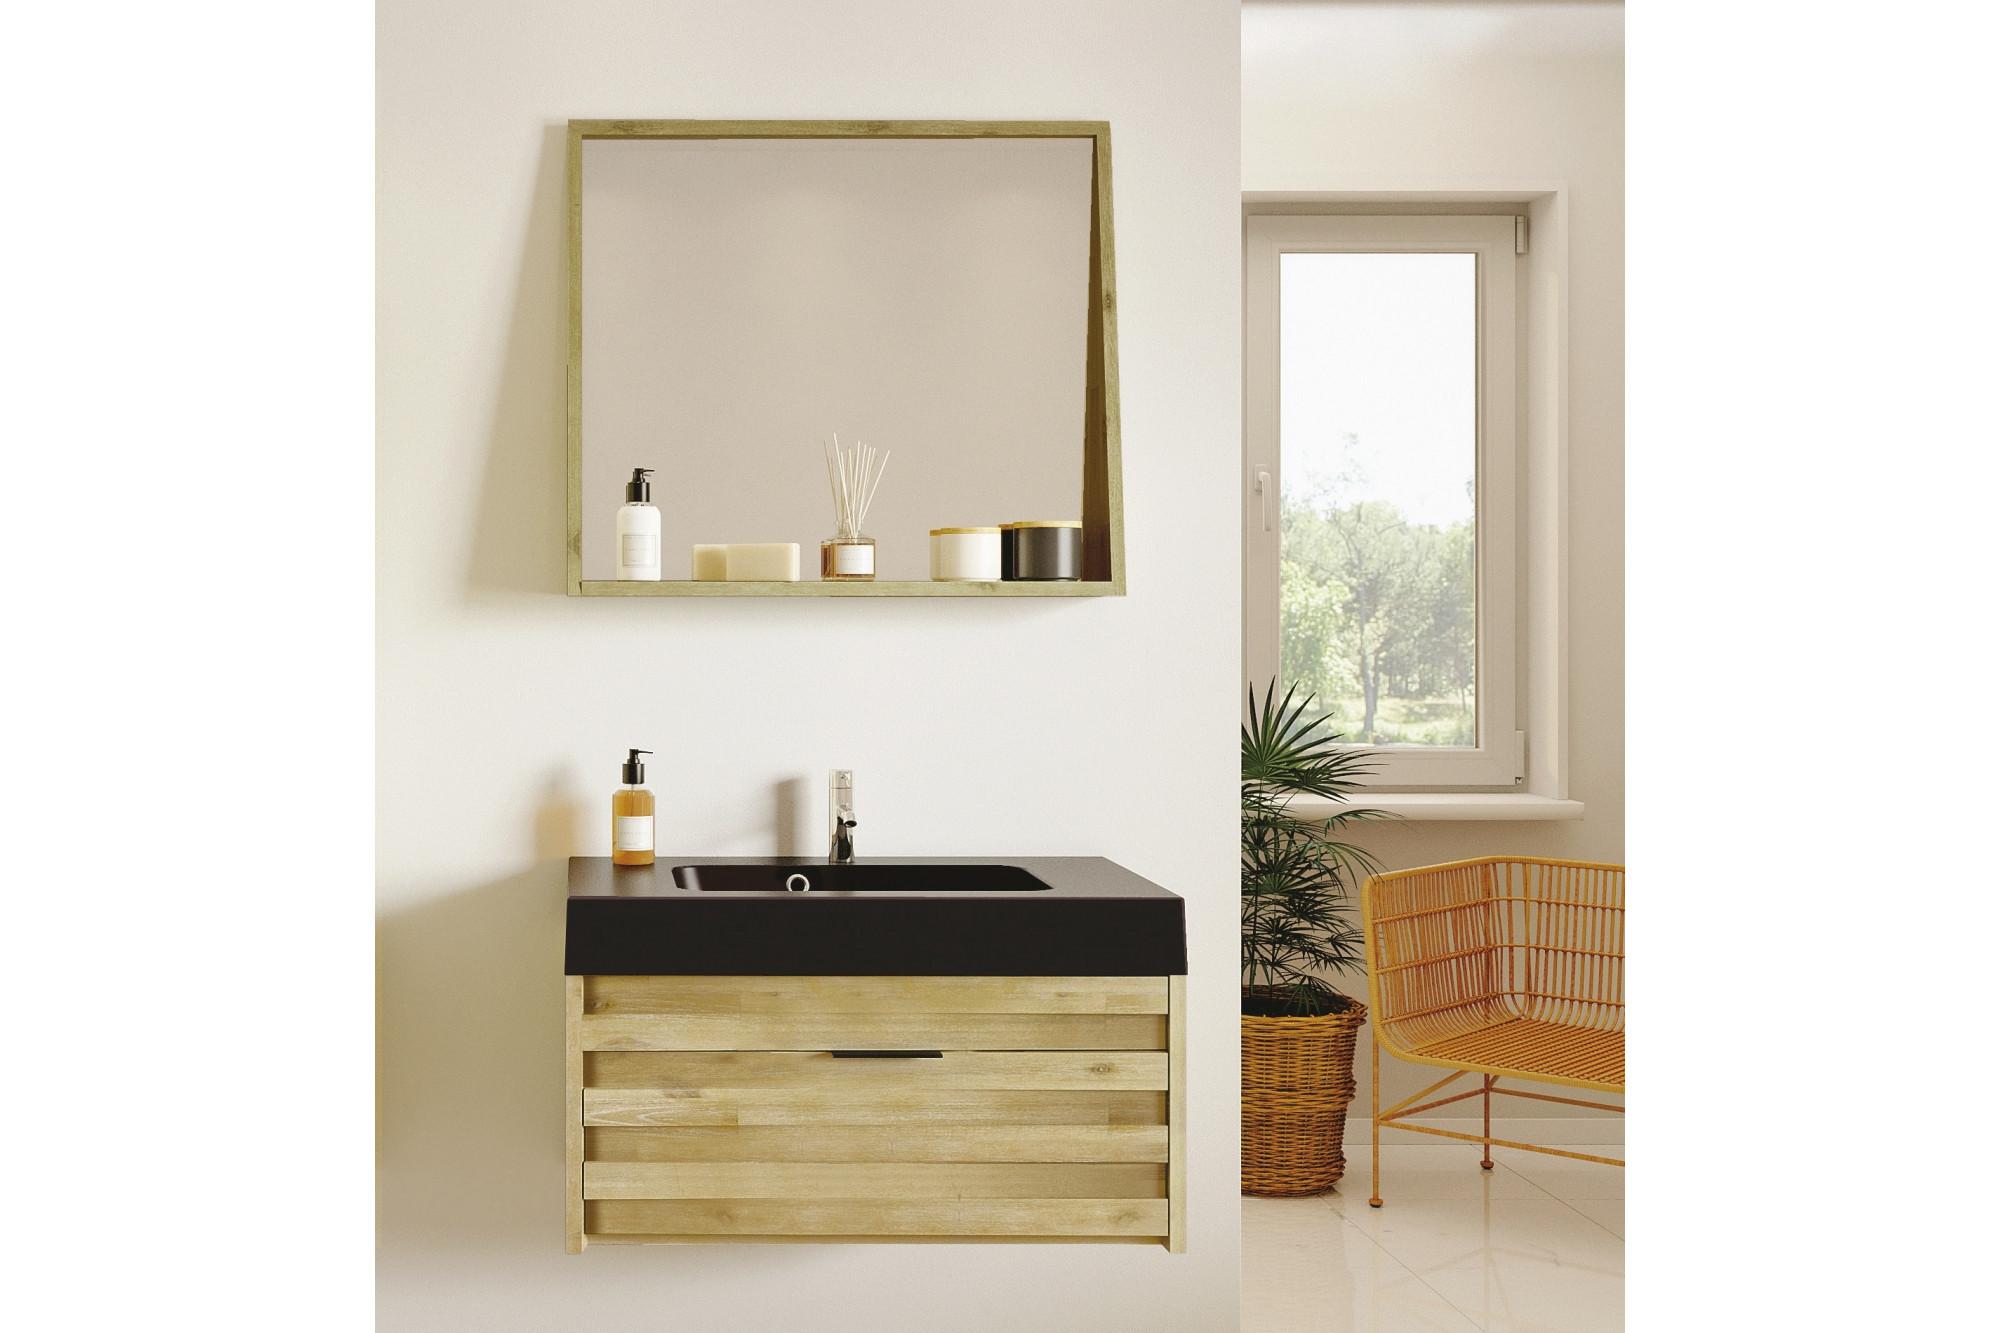 Bois Salle De Bain meuble de salle de bain en bois massif avec plan béton noir mat et miroir -  hellin